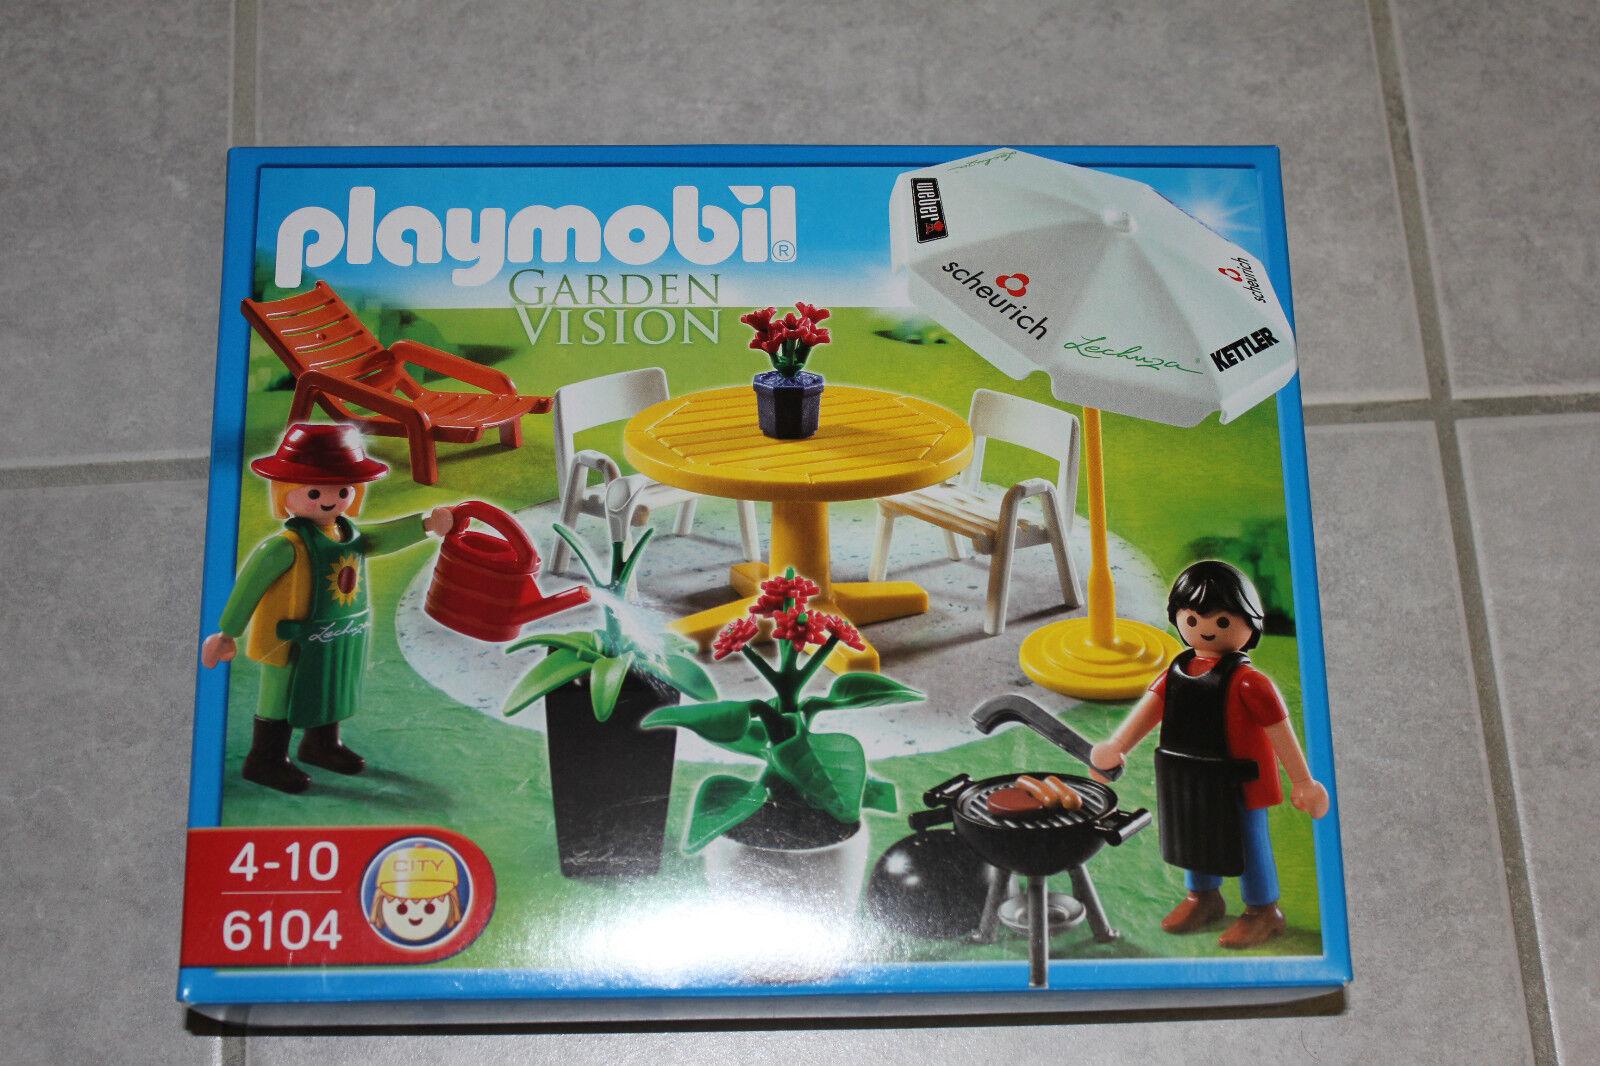 Playmobil Garden Vision 6104 Neuf Misb NRFB Nuevo Ensemble Publicité Figurine de